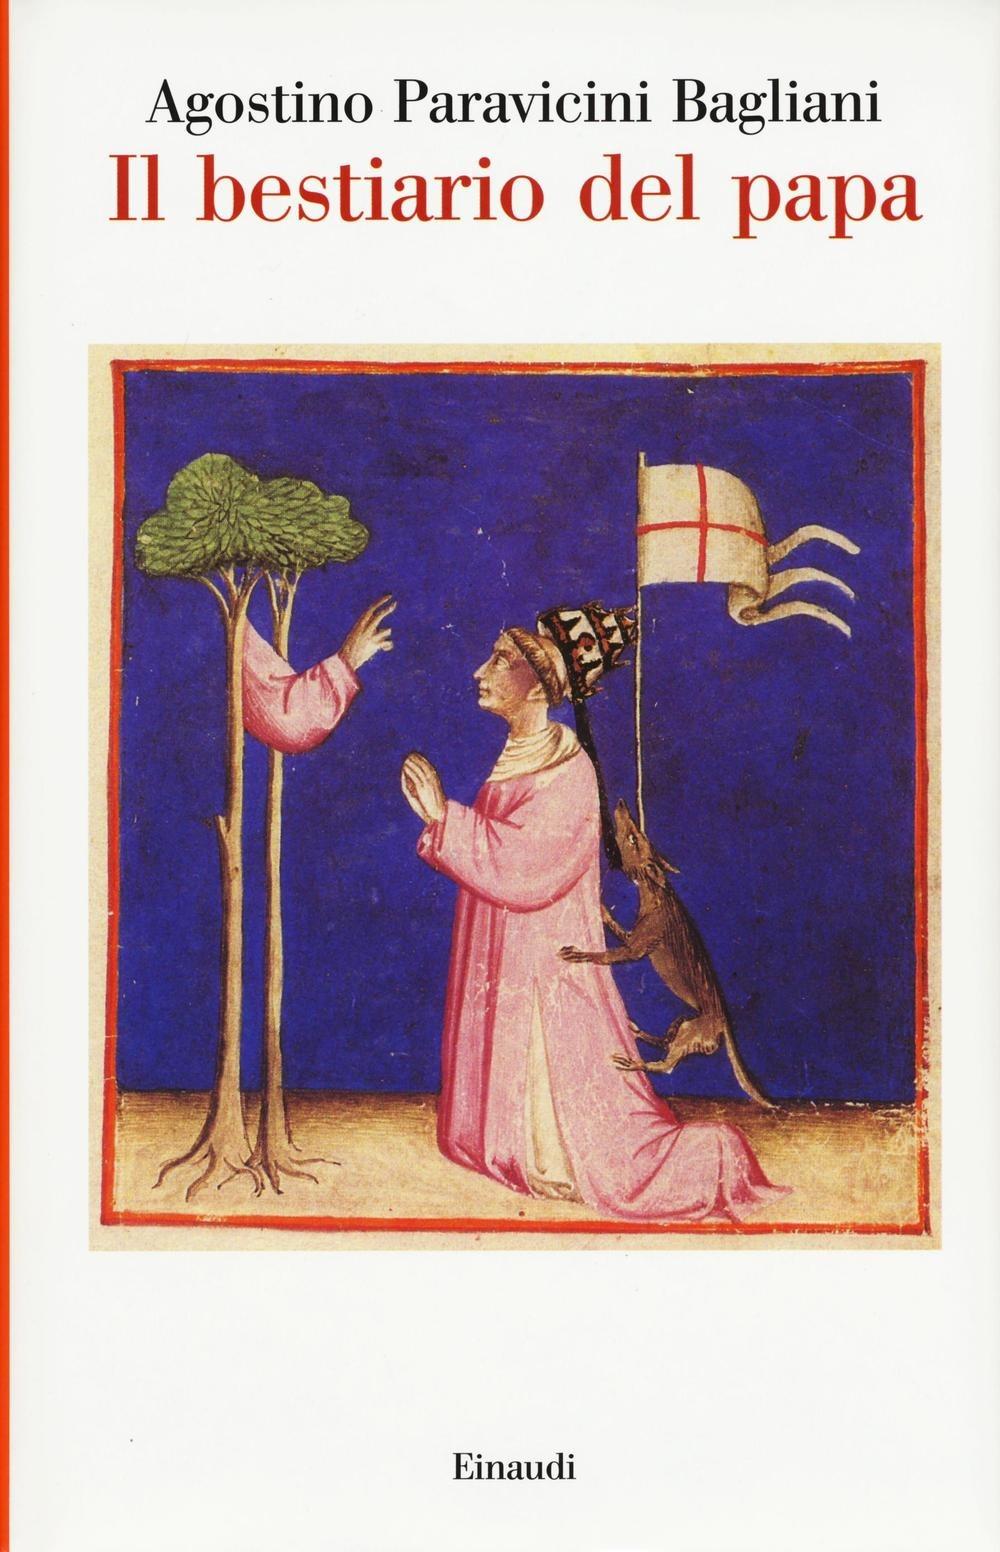 Il bestiario del papa - Agostino Paravicini Bagliani